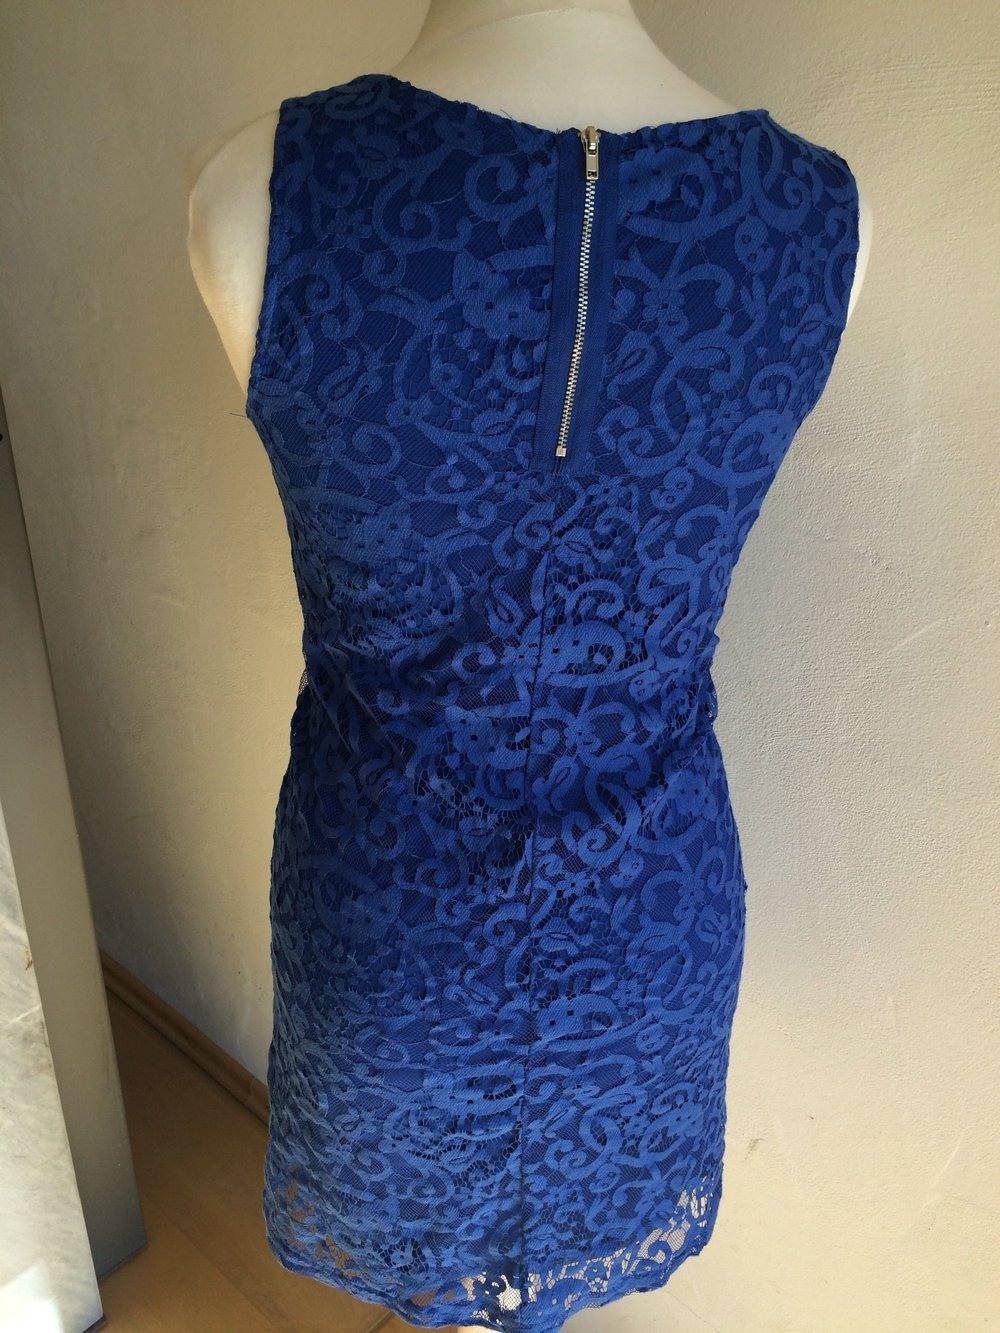 Designer Schön Blaues Spitzenkleid Boutique10 Großartig Blaues Spitzenkleid Galerie